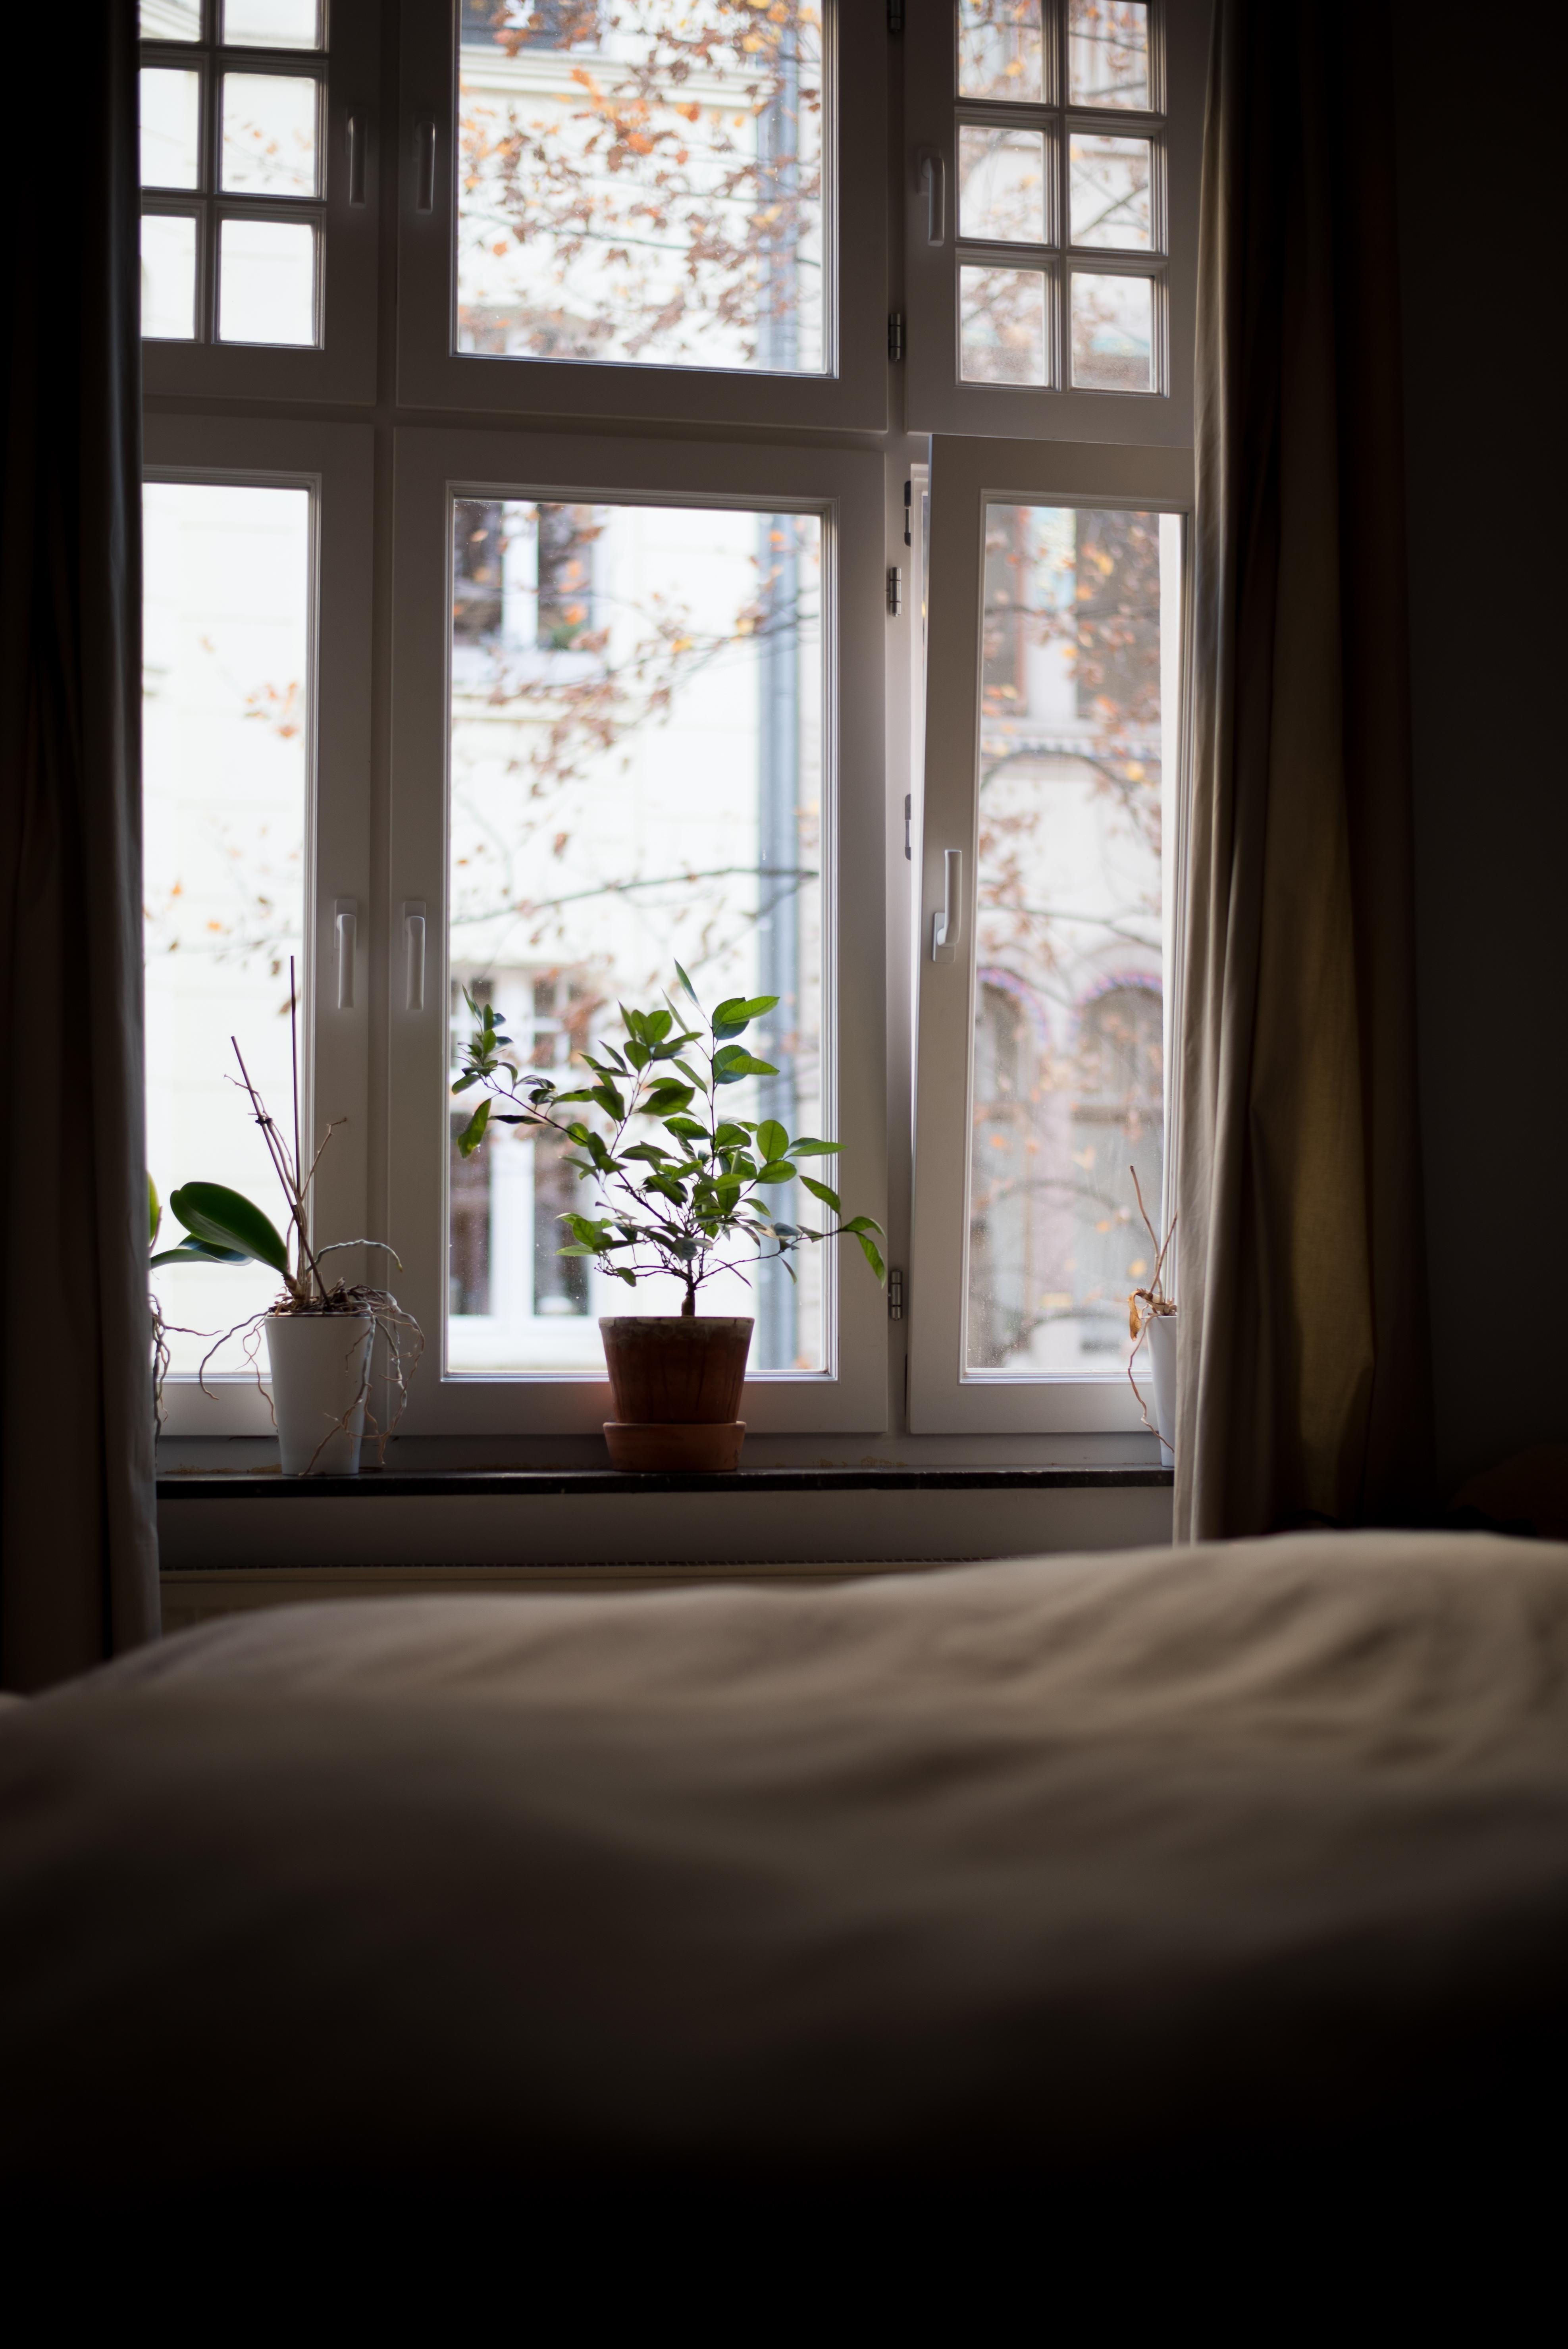 Mein Blick Heute Morgen Aus Dem Bett Schönen Dienst